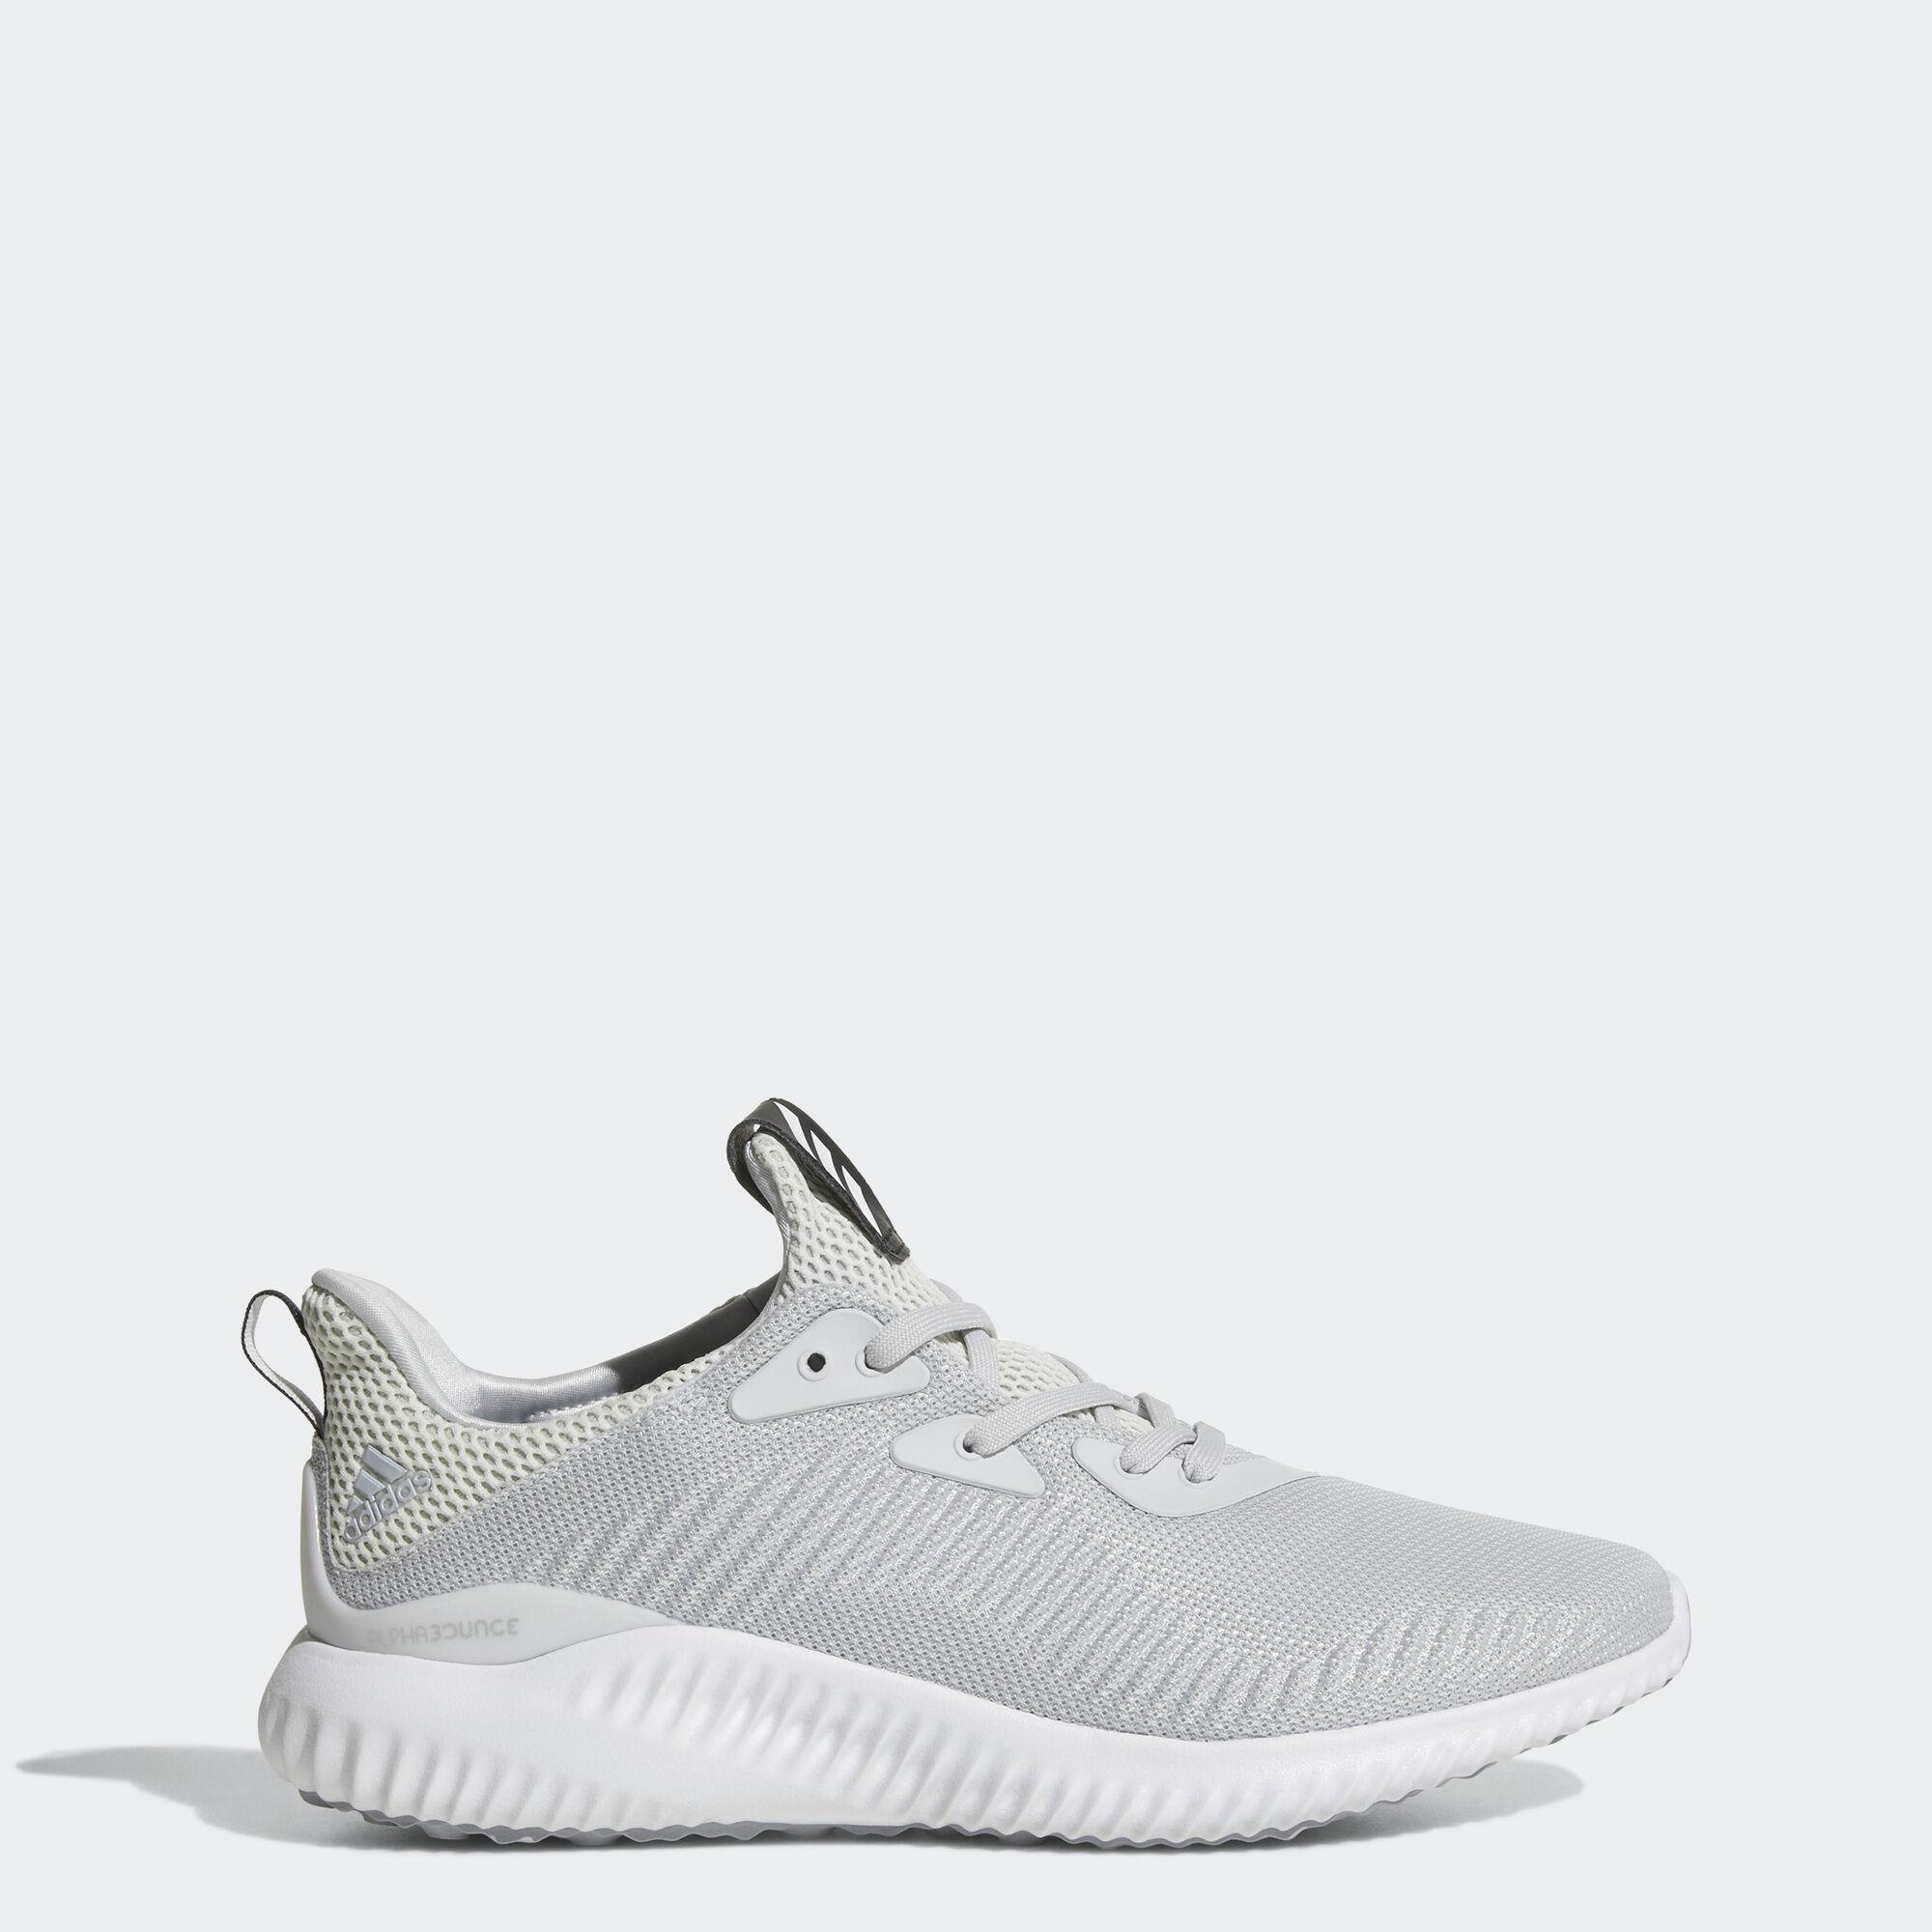 c22814e8909 adidas shoe